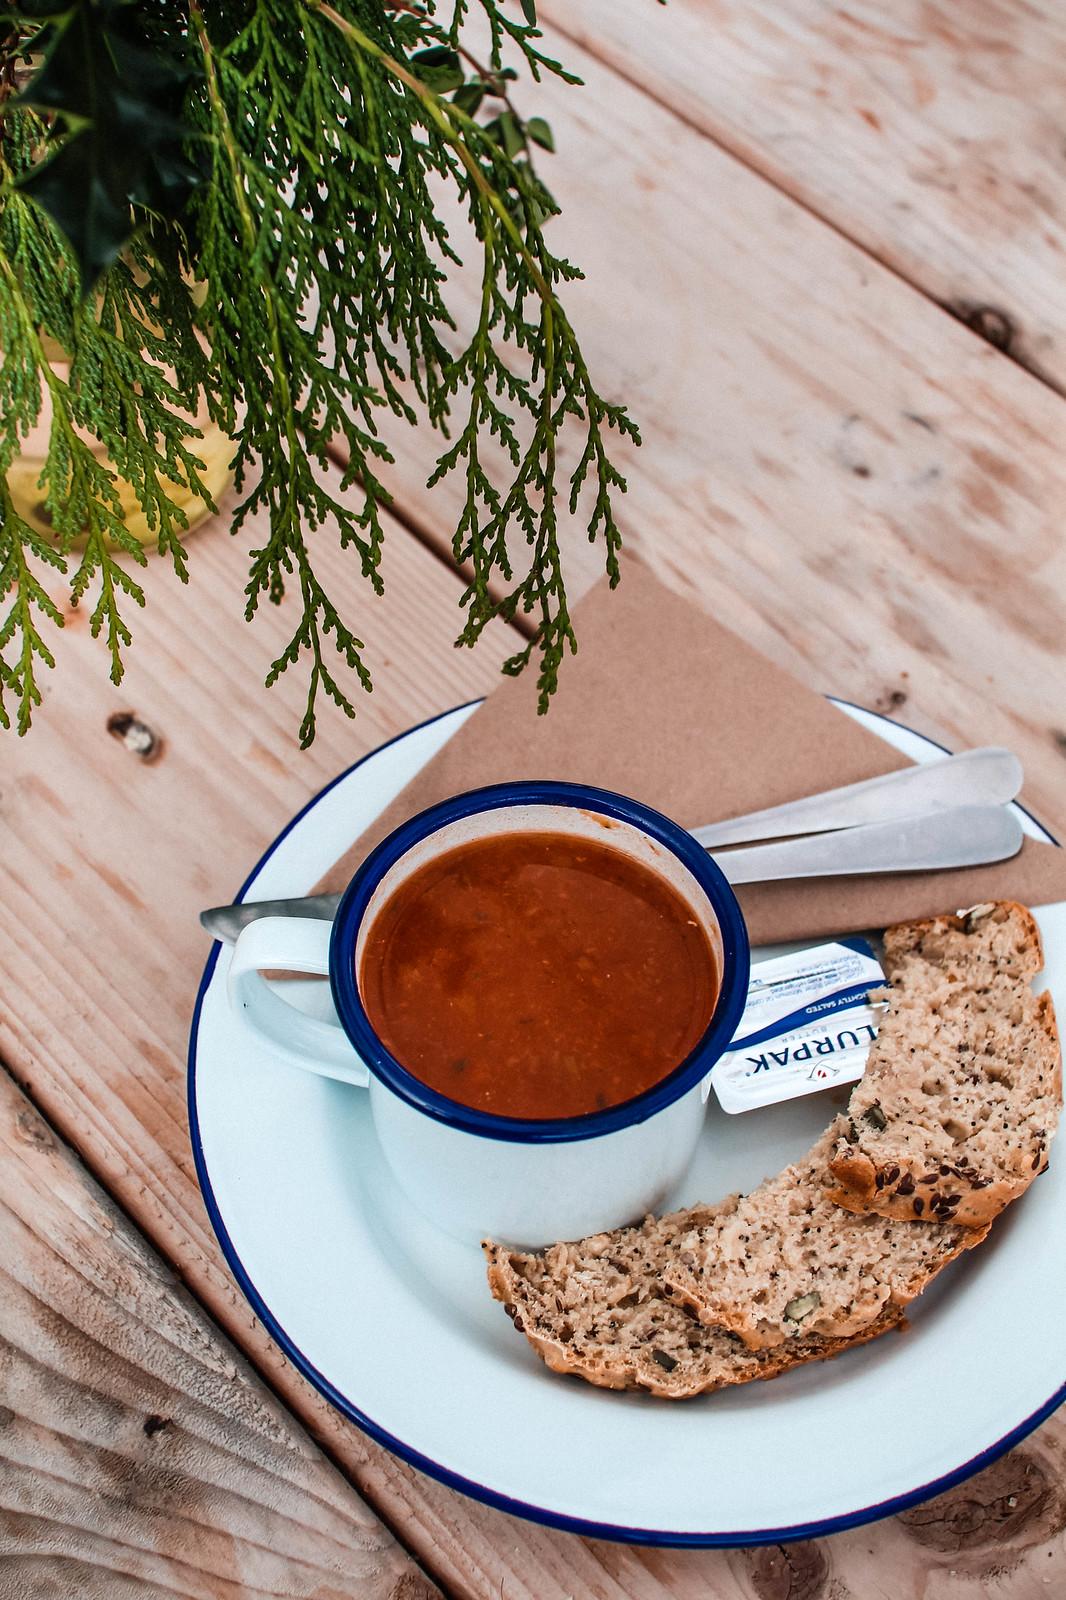 Edinburgh Secret Herb Garden Review Lifestyle blogger travel UK The Little Things IMG_7708